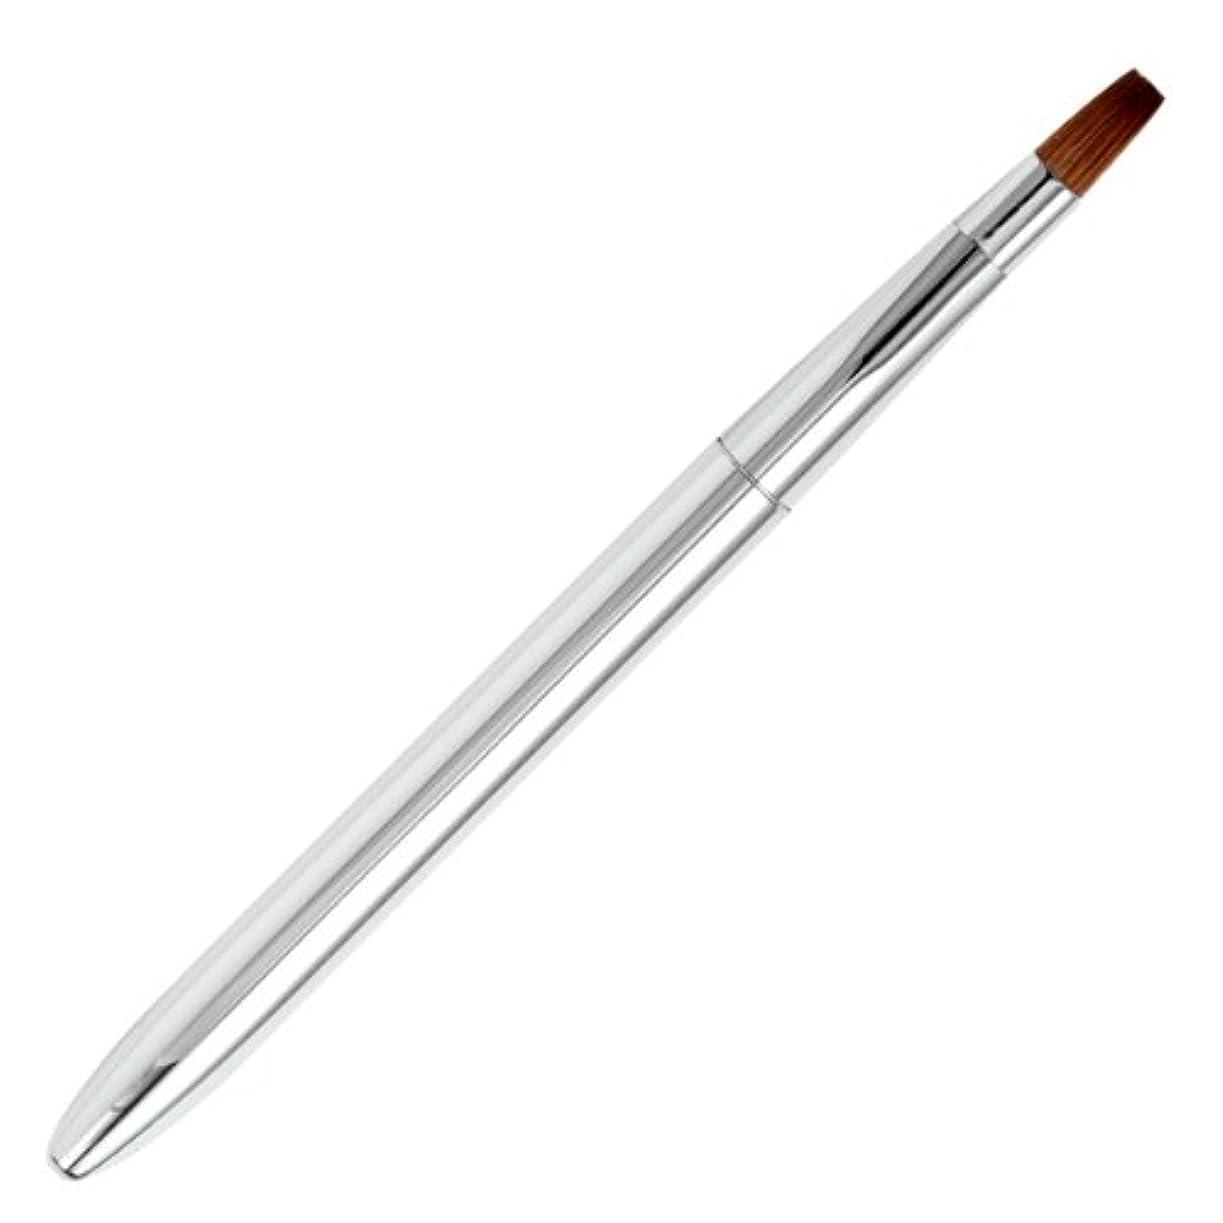 ご飯社会学発明広島熊野筆 オートリップブラシ 毛質 コリンスキー